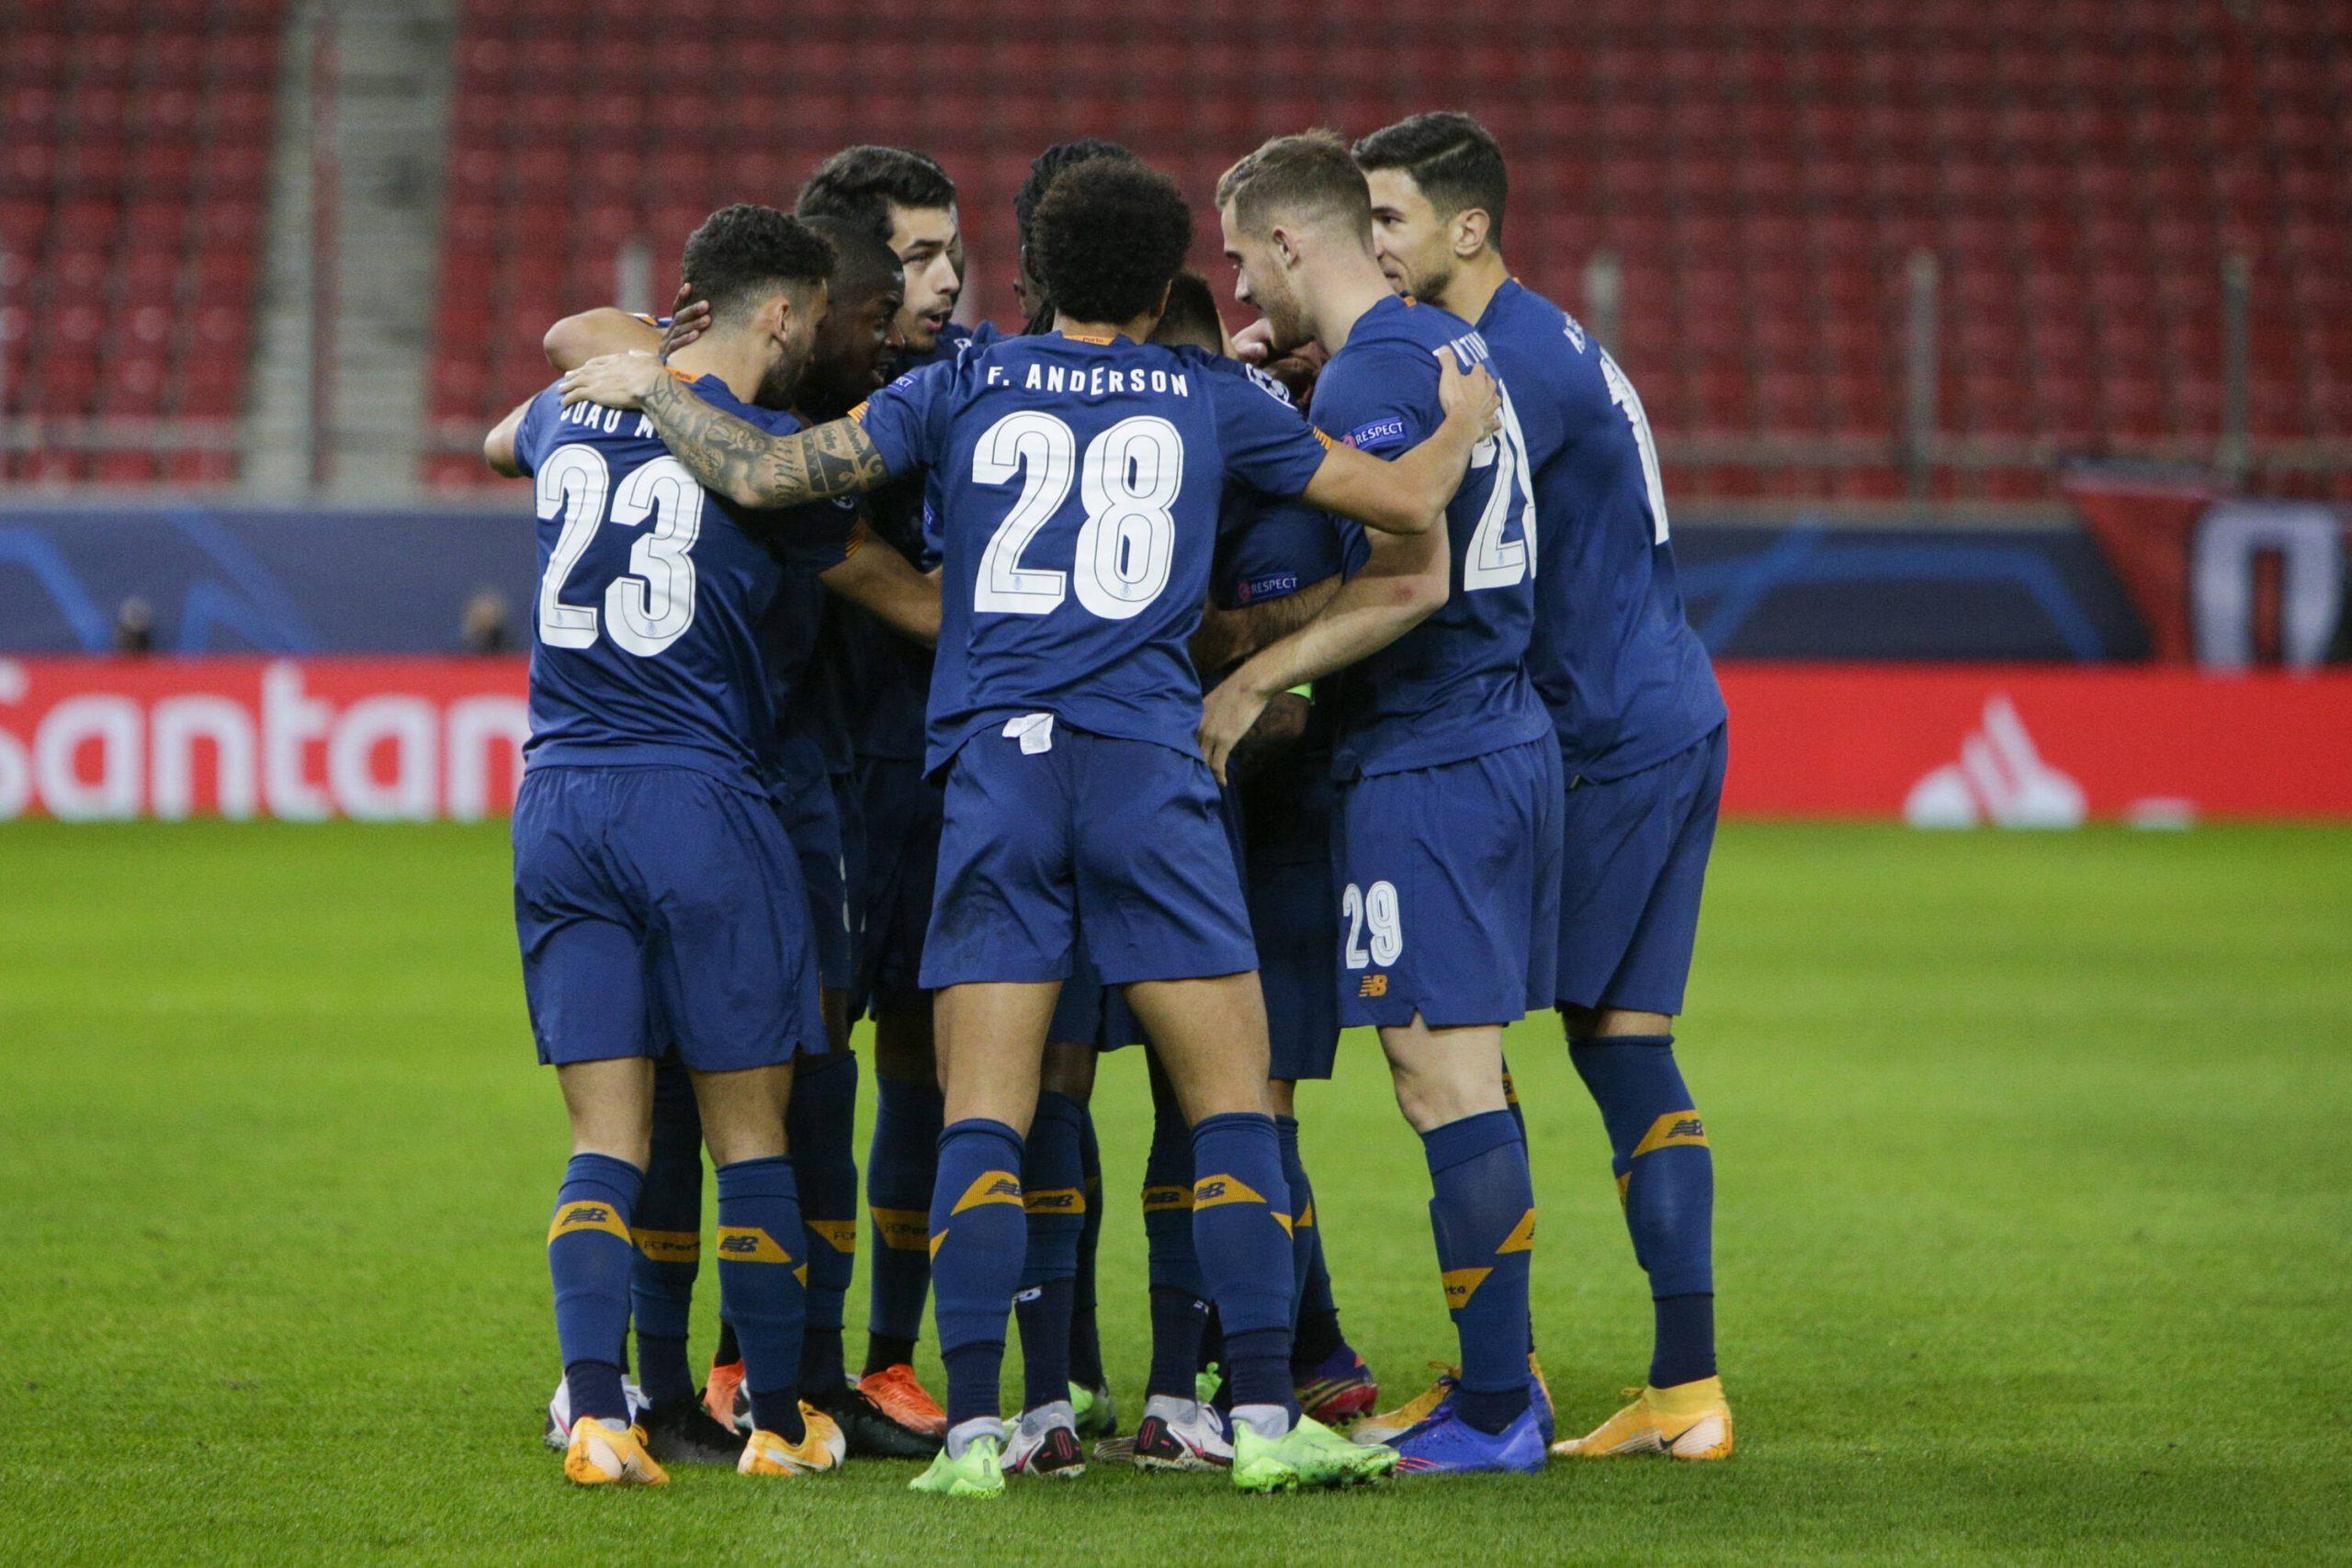 LDC : Le FC Porto affrontera la Juventus de Cristiano Ronaldo